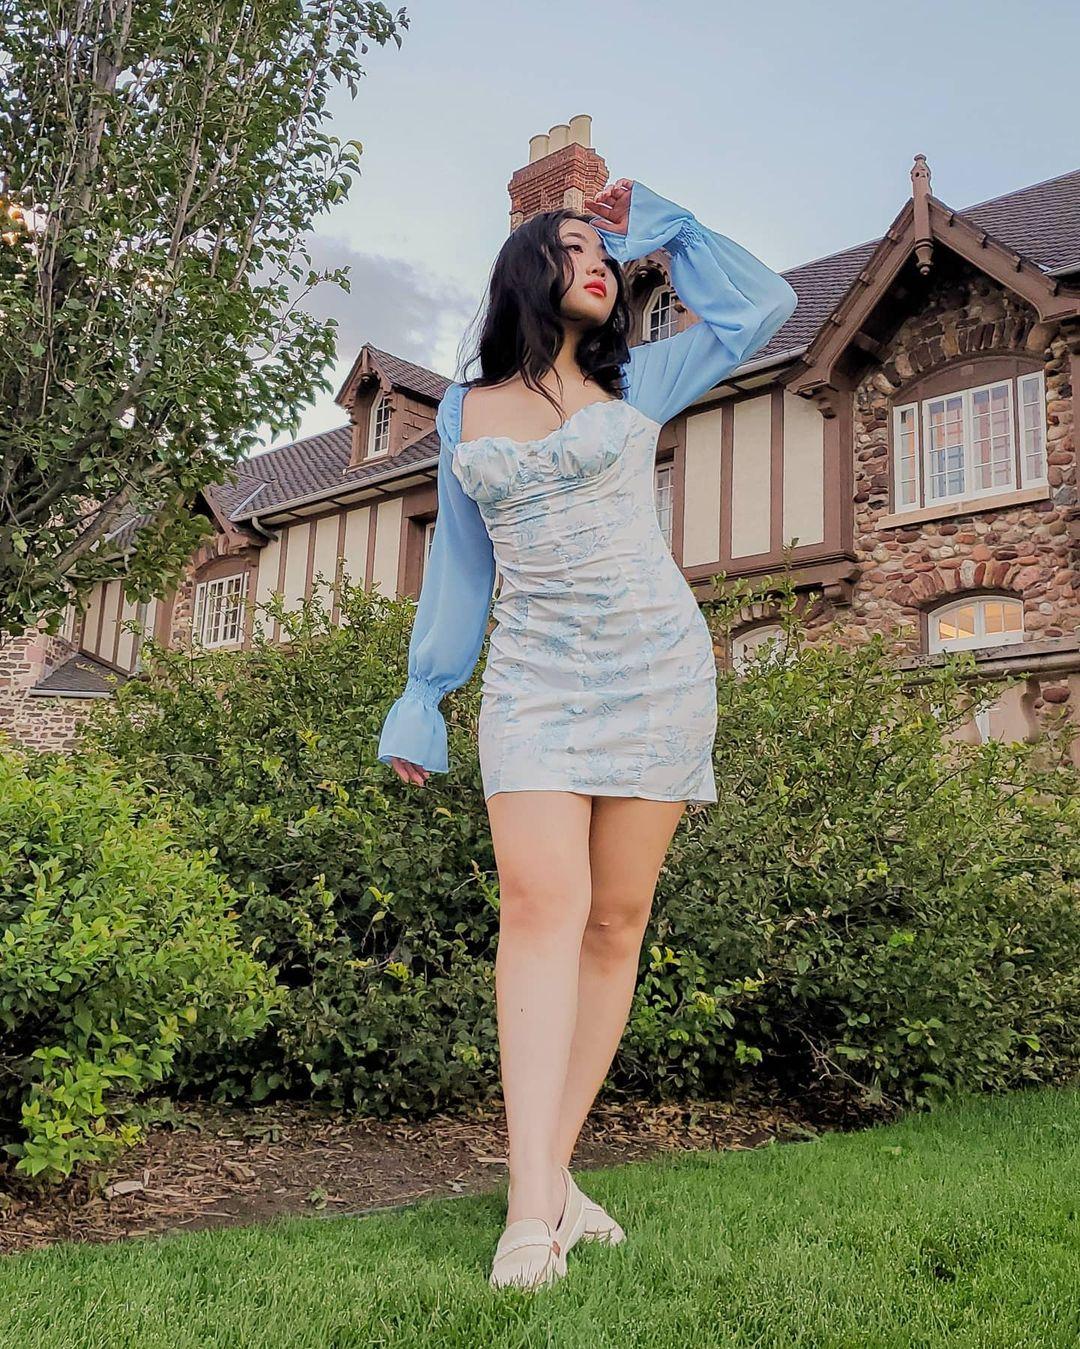 Vestido cottagecore justo